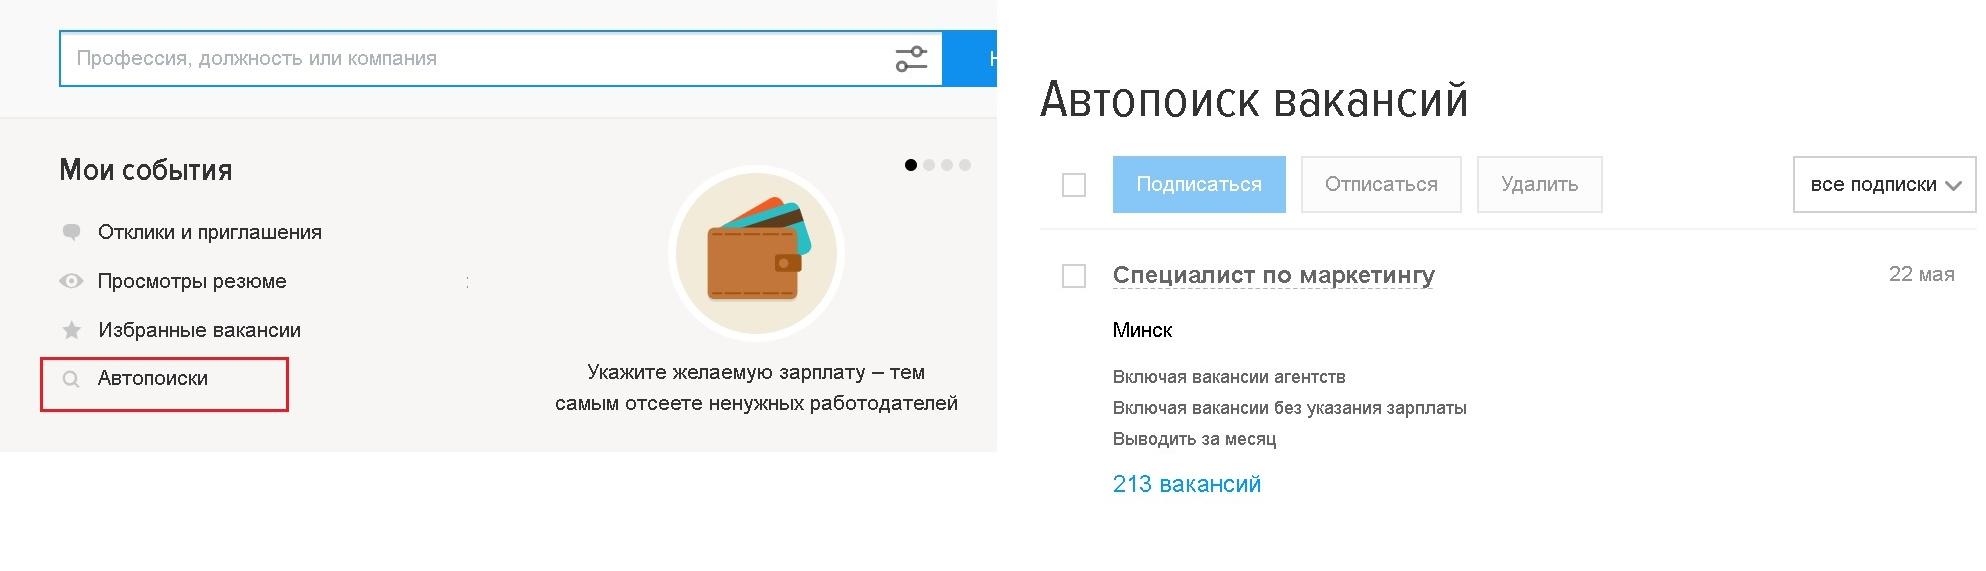 Автопоиск вакансий на rabota.by